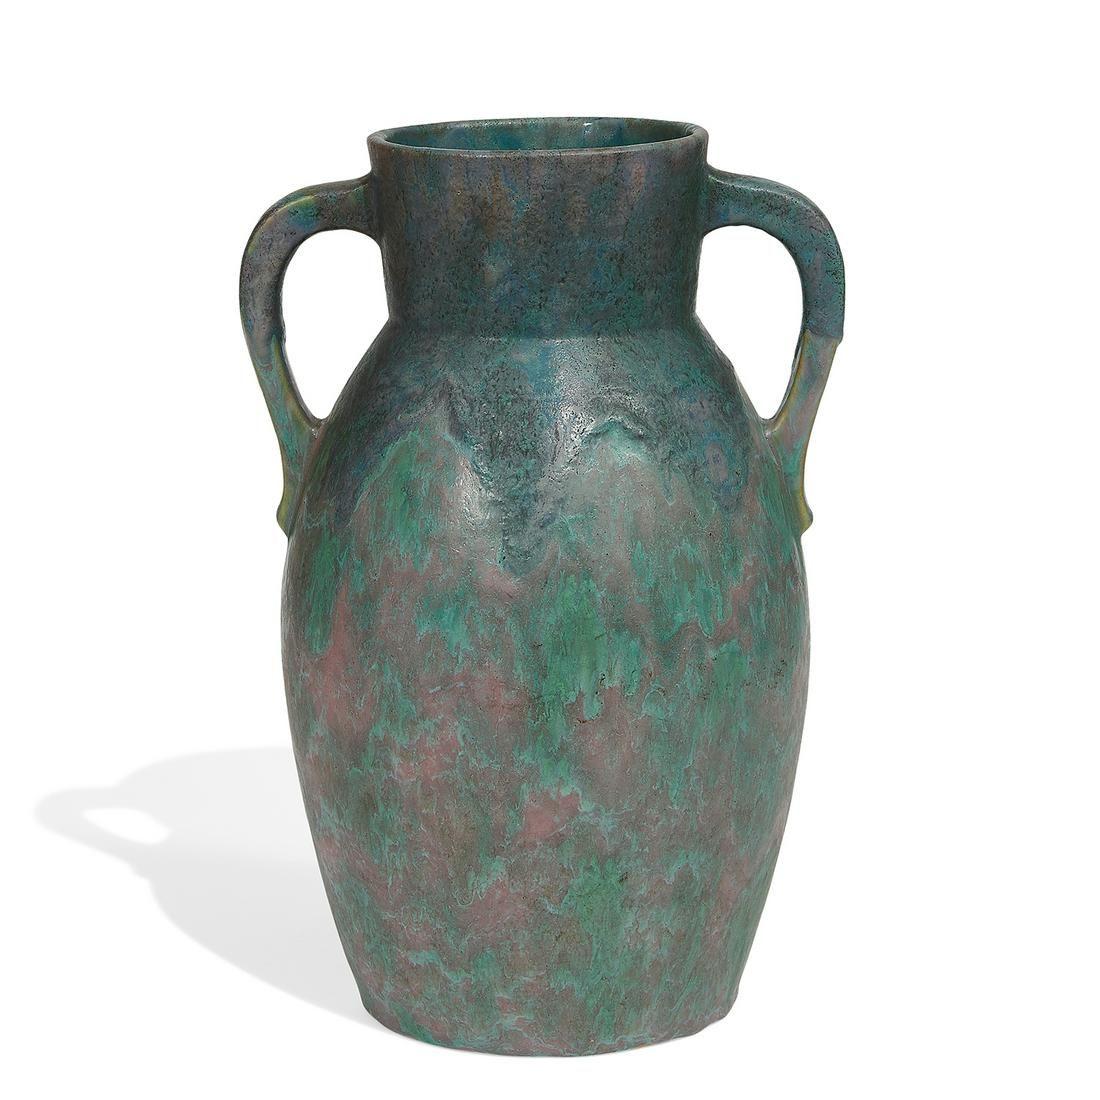 Roseville Pottery Co. Carnelian II vase